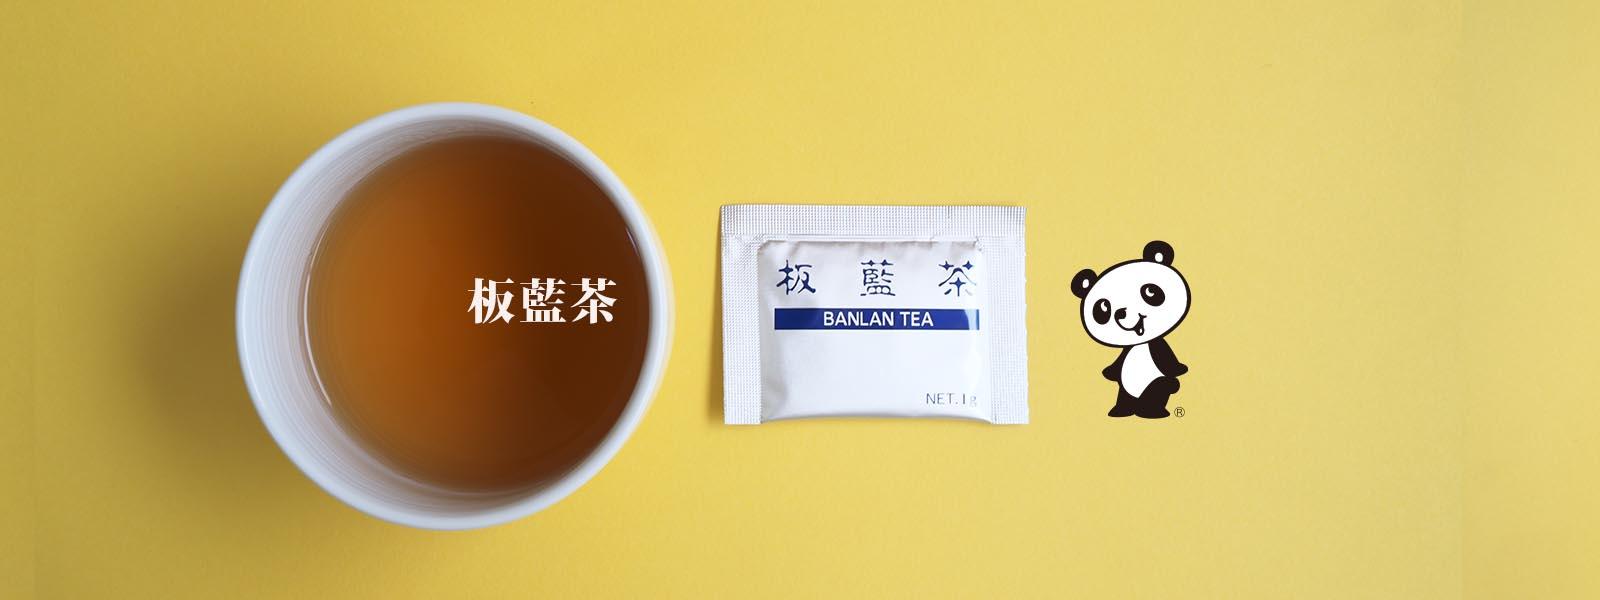 板藍茶 イスクラの漢方薬のご購入は、表参道・青山・原宿・渋谷エリアにある漢方薬店・薬戸金堂へ